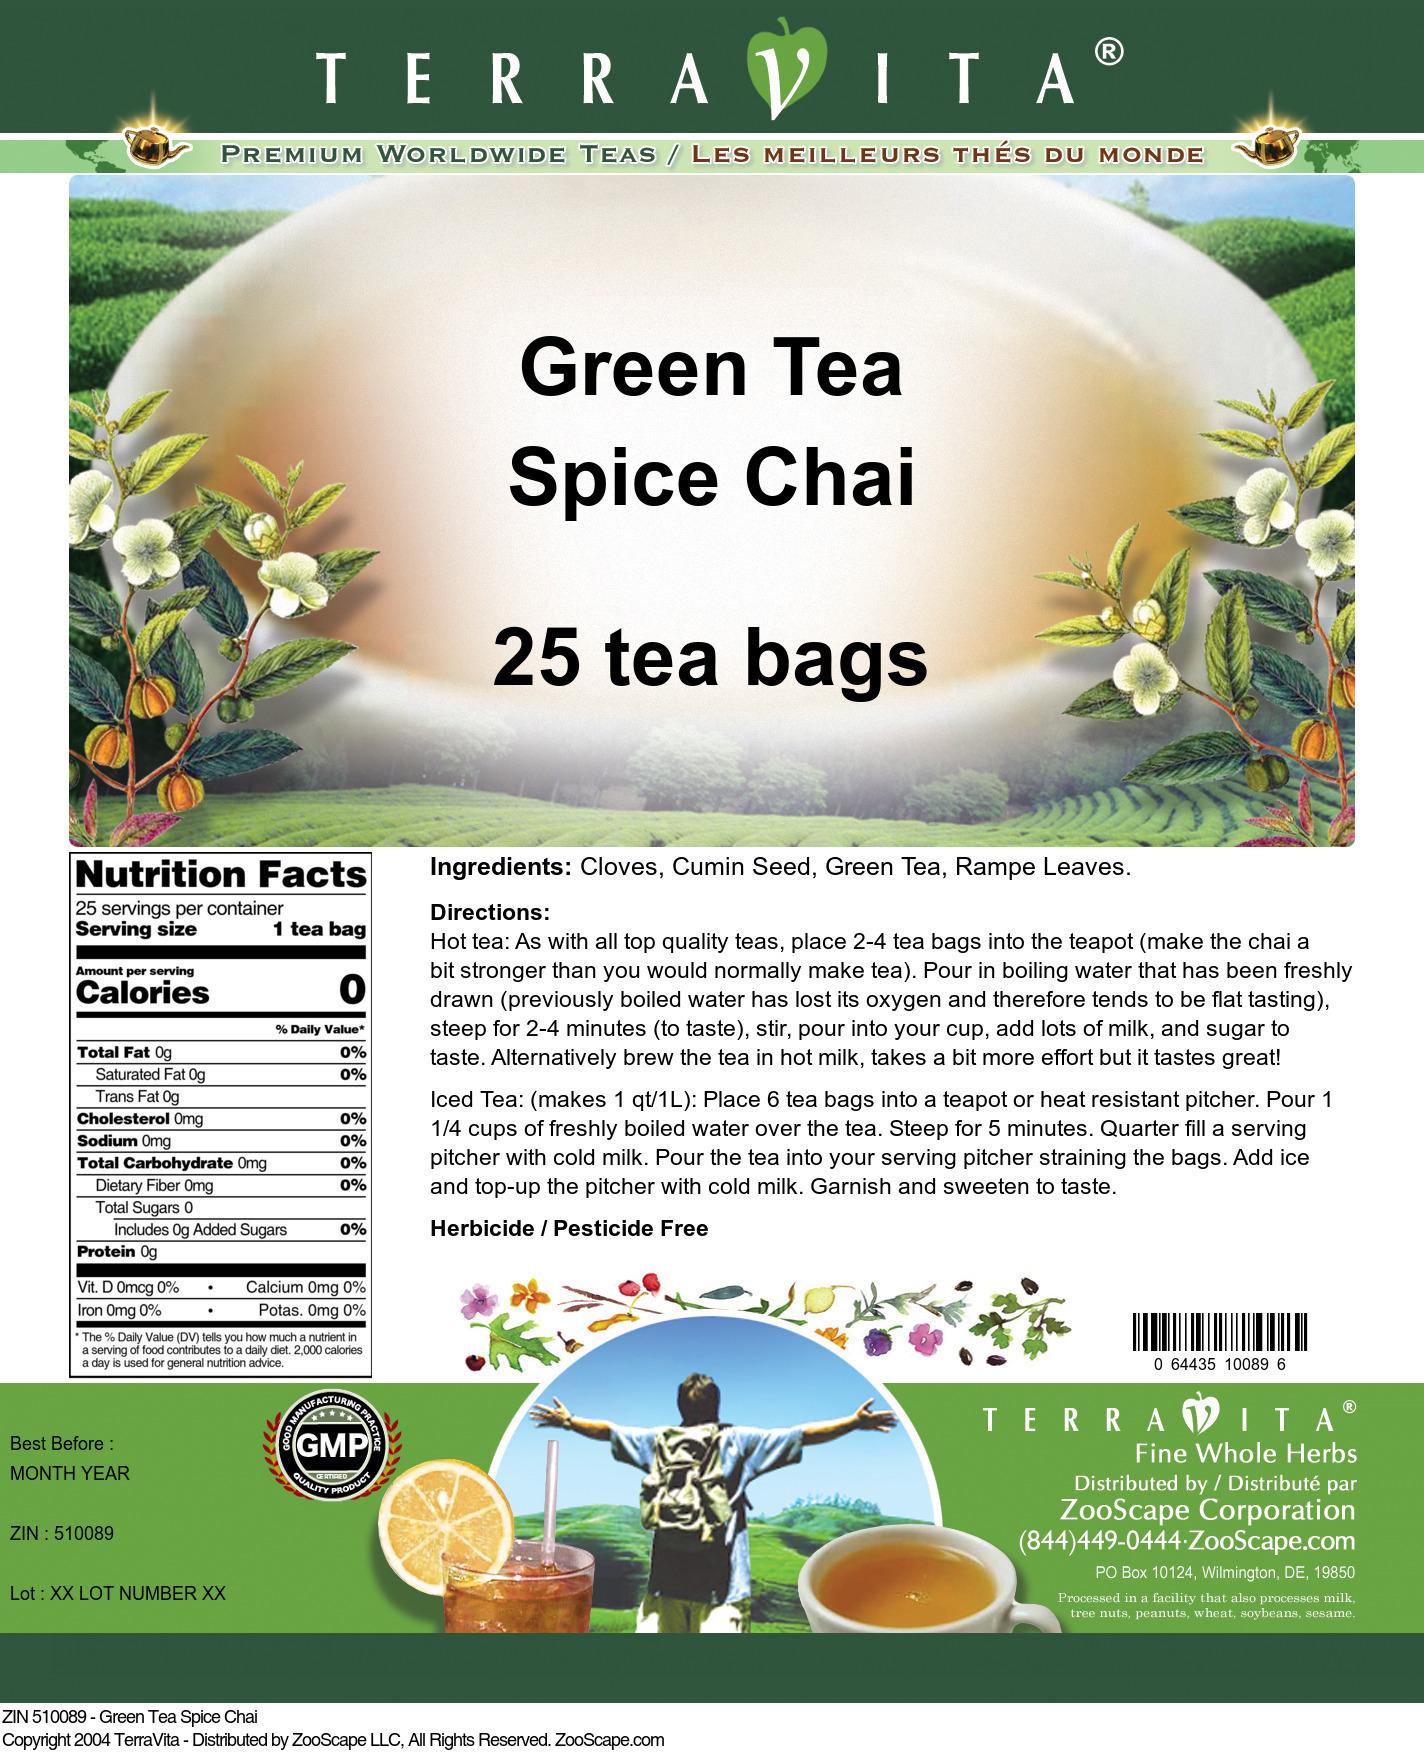 Green Tea Spice Chai